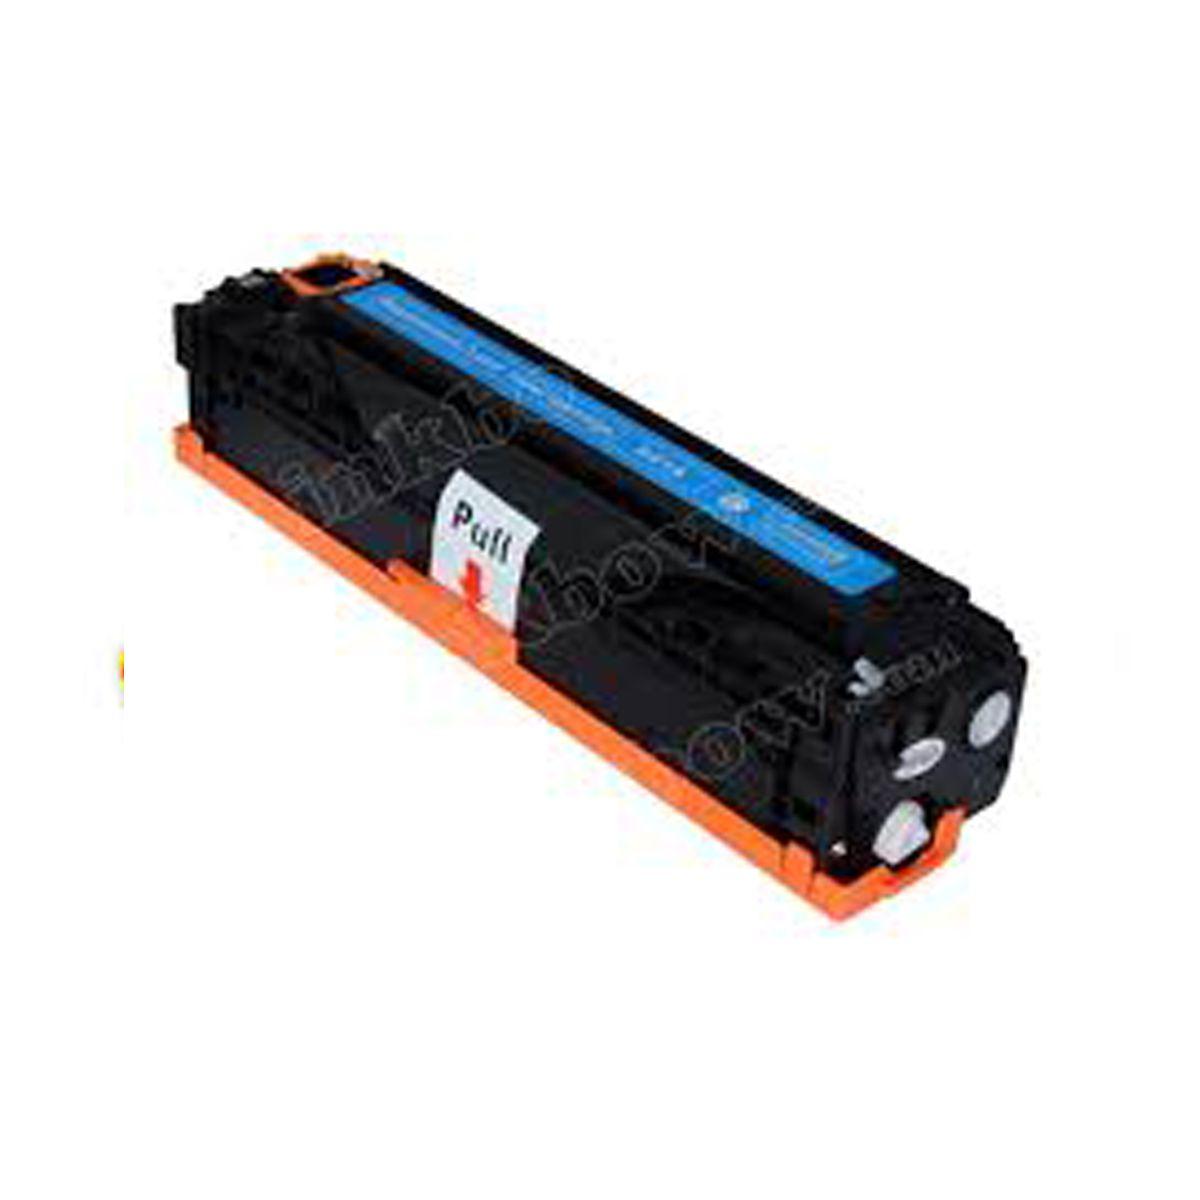 Toner Compativel com HP CB541A CB541 541 - 125A - Ciano - CP1215 CP1510 CP1515 CP1518 CM1312 - 1,4K